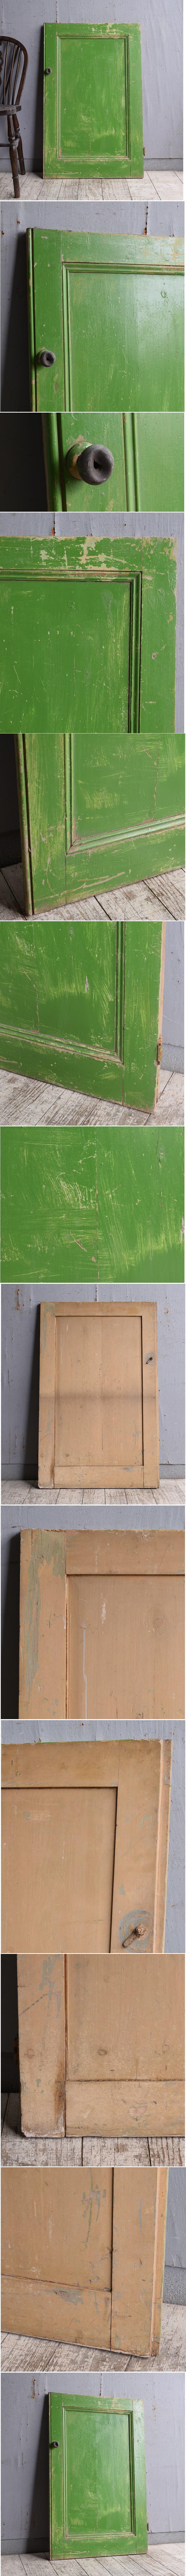 イギリス アンティーク カップボードドア  扉 10182